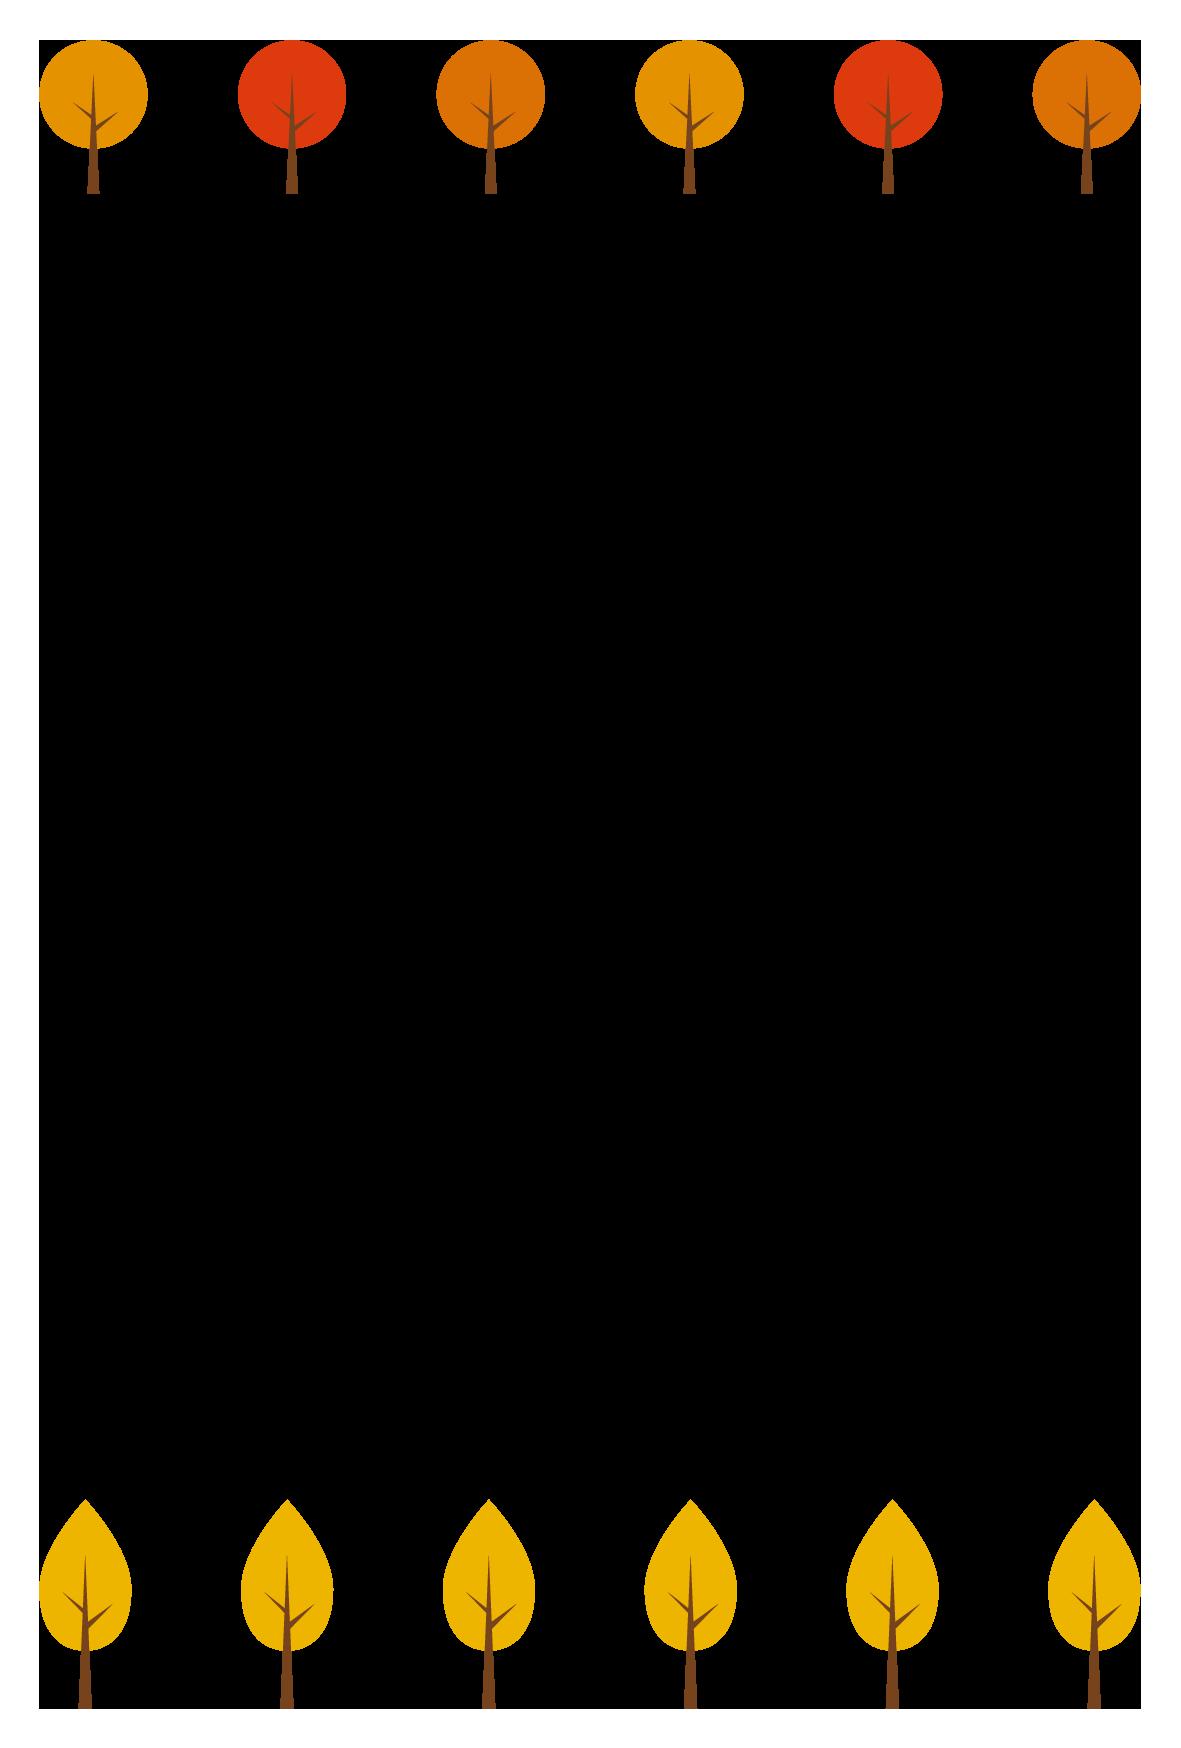 秋紅葉した木シンプル枠イラスト 縦 無料 イラストk